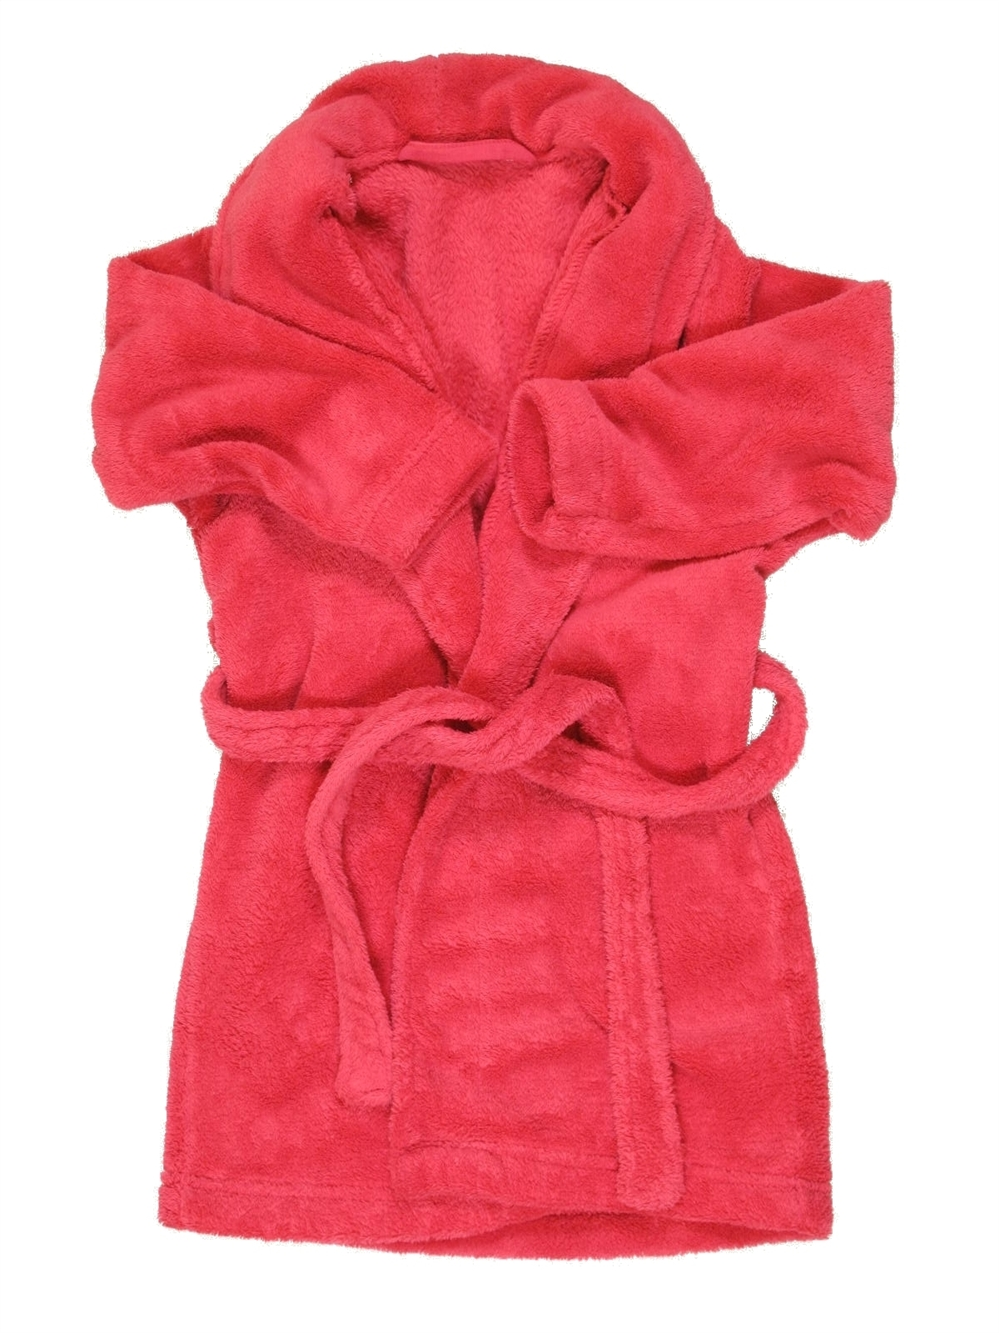 Robe De Chambre Fille Kiabi 4 Ans Pas Cher 4 95 585764